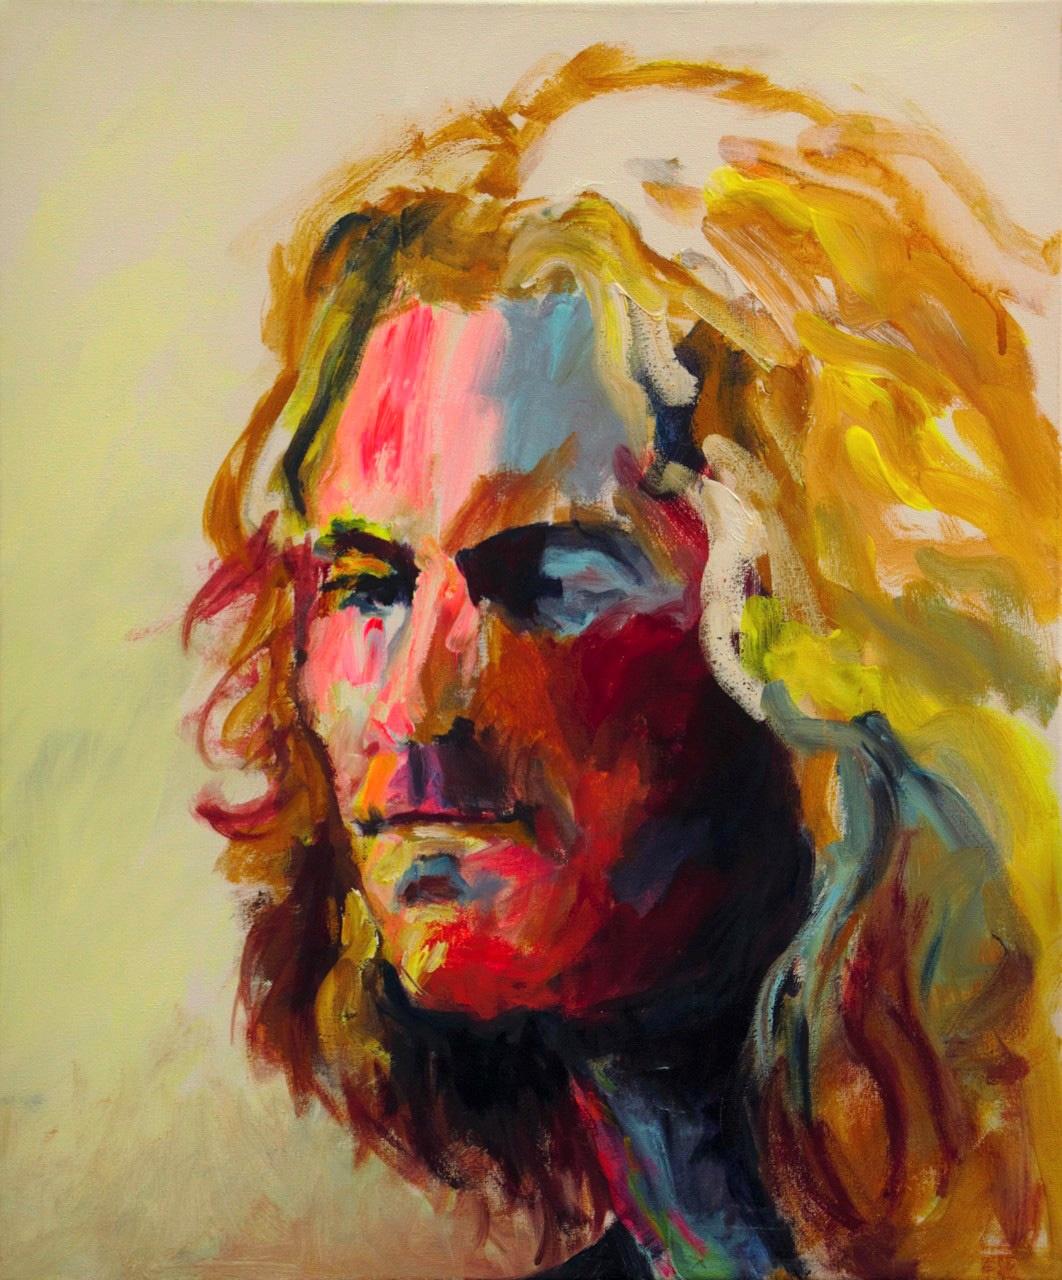 Fokkema_van_den_Berg_Gerdien_Portret_Acryl op doek_40X50 cm